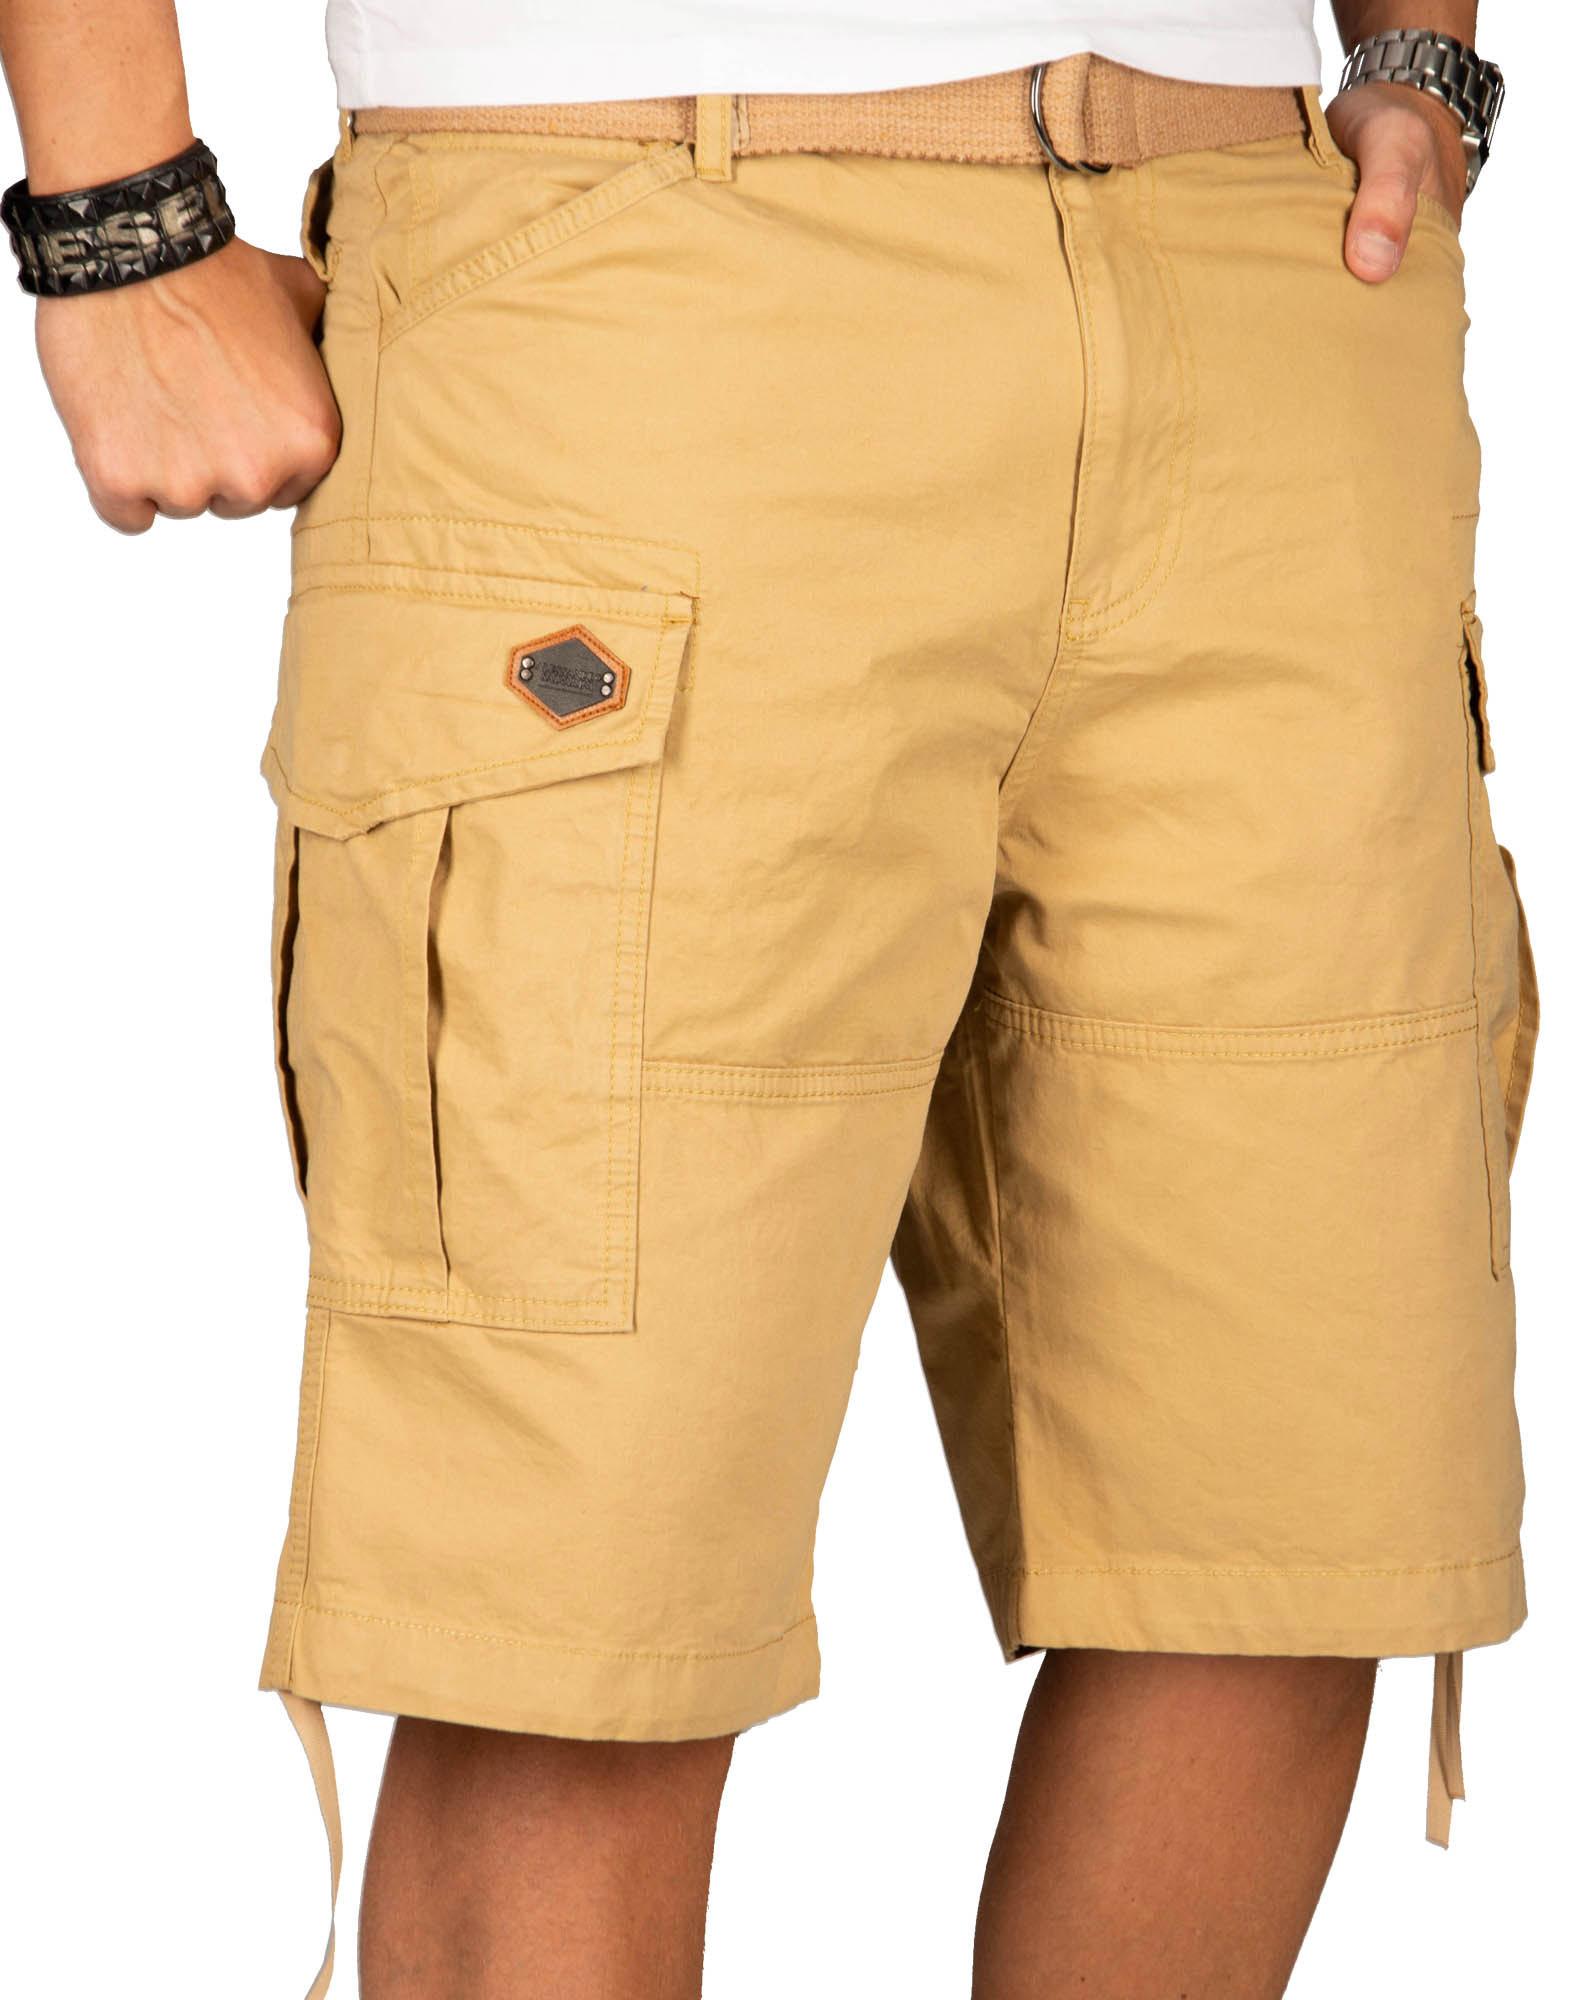 A-Salvarini-Herren-Comfort-Cargo-Shorts-Cargoshorts-kurze-Hose-Guertel-AS133-NEU Indexbild 27